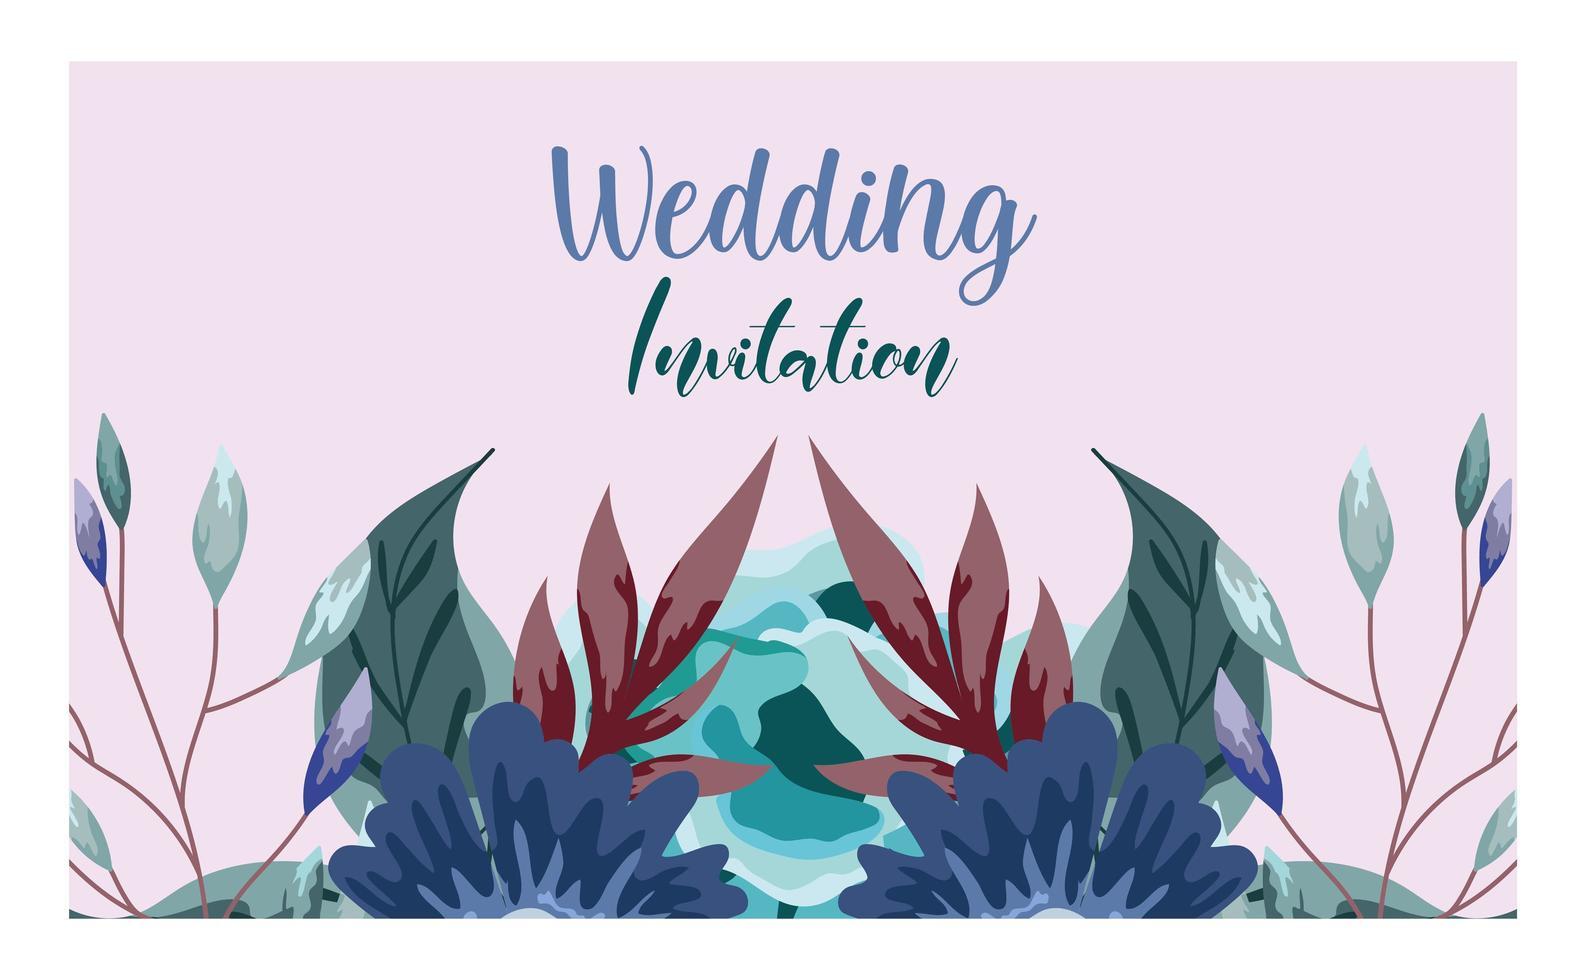 bruiloft ornament bloemen en kruiden wenskaart vector